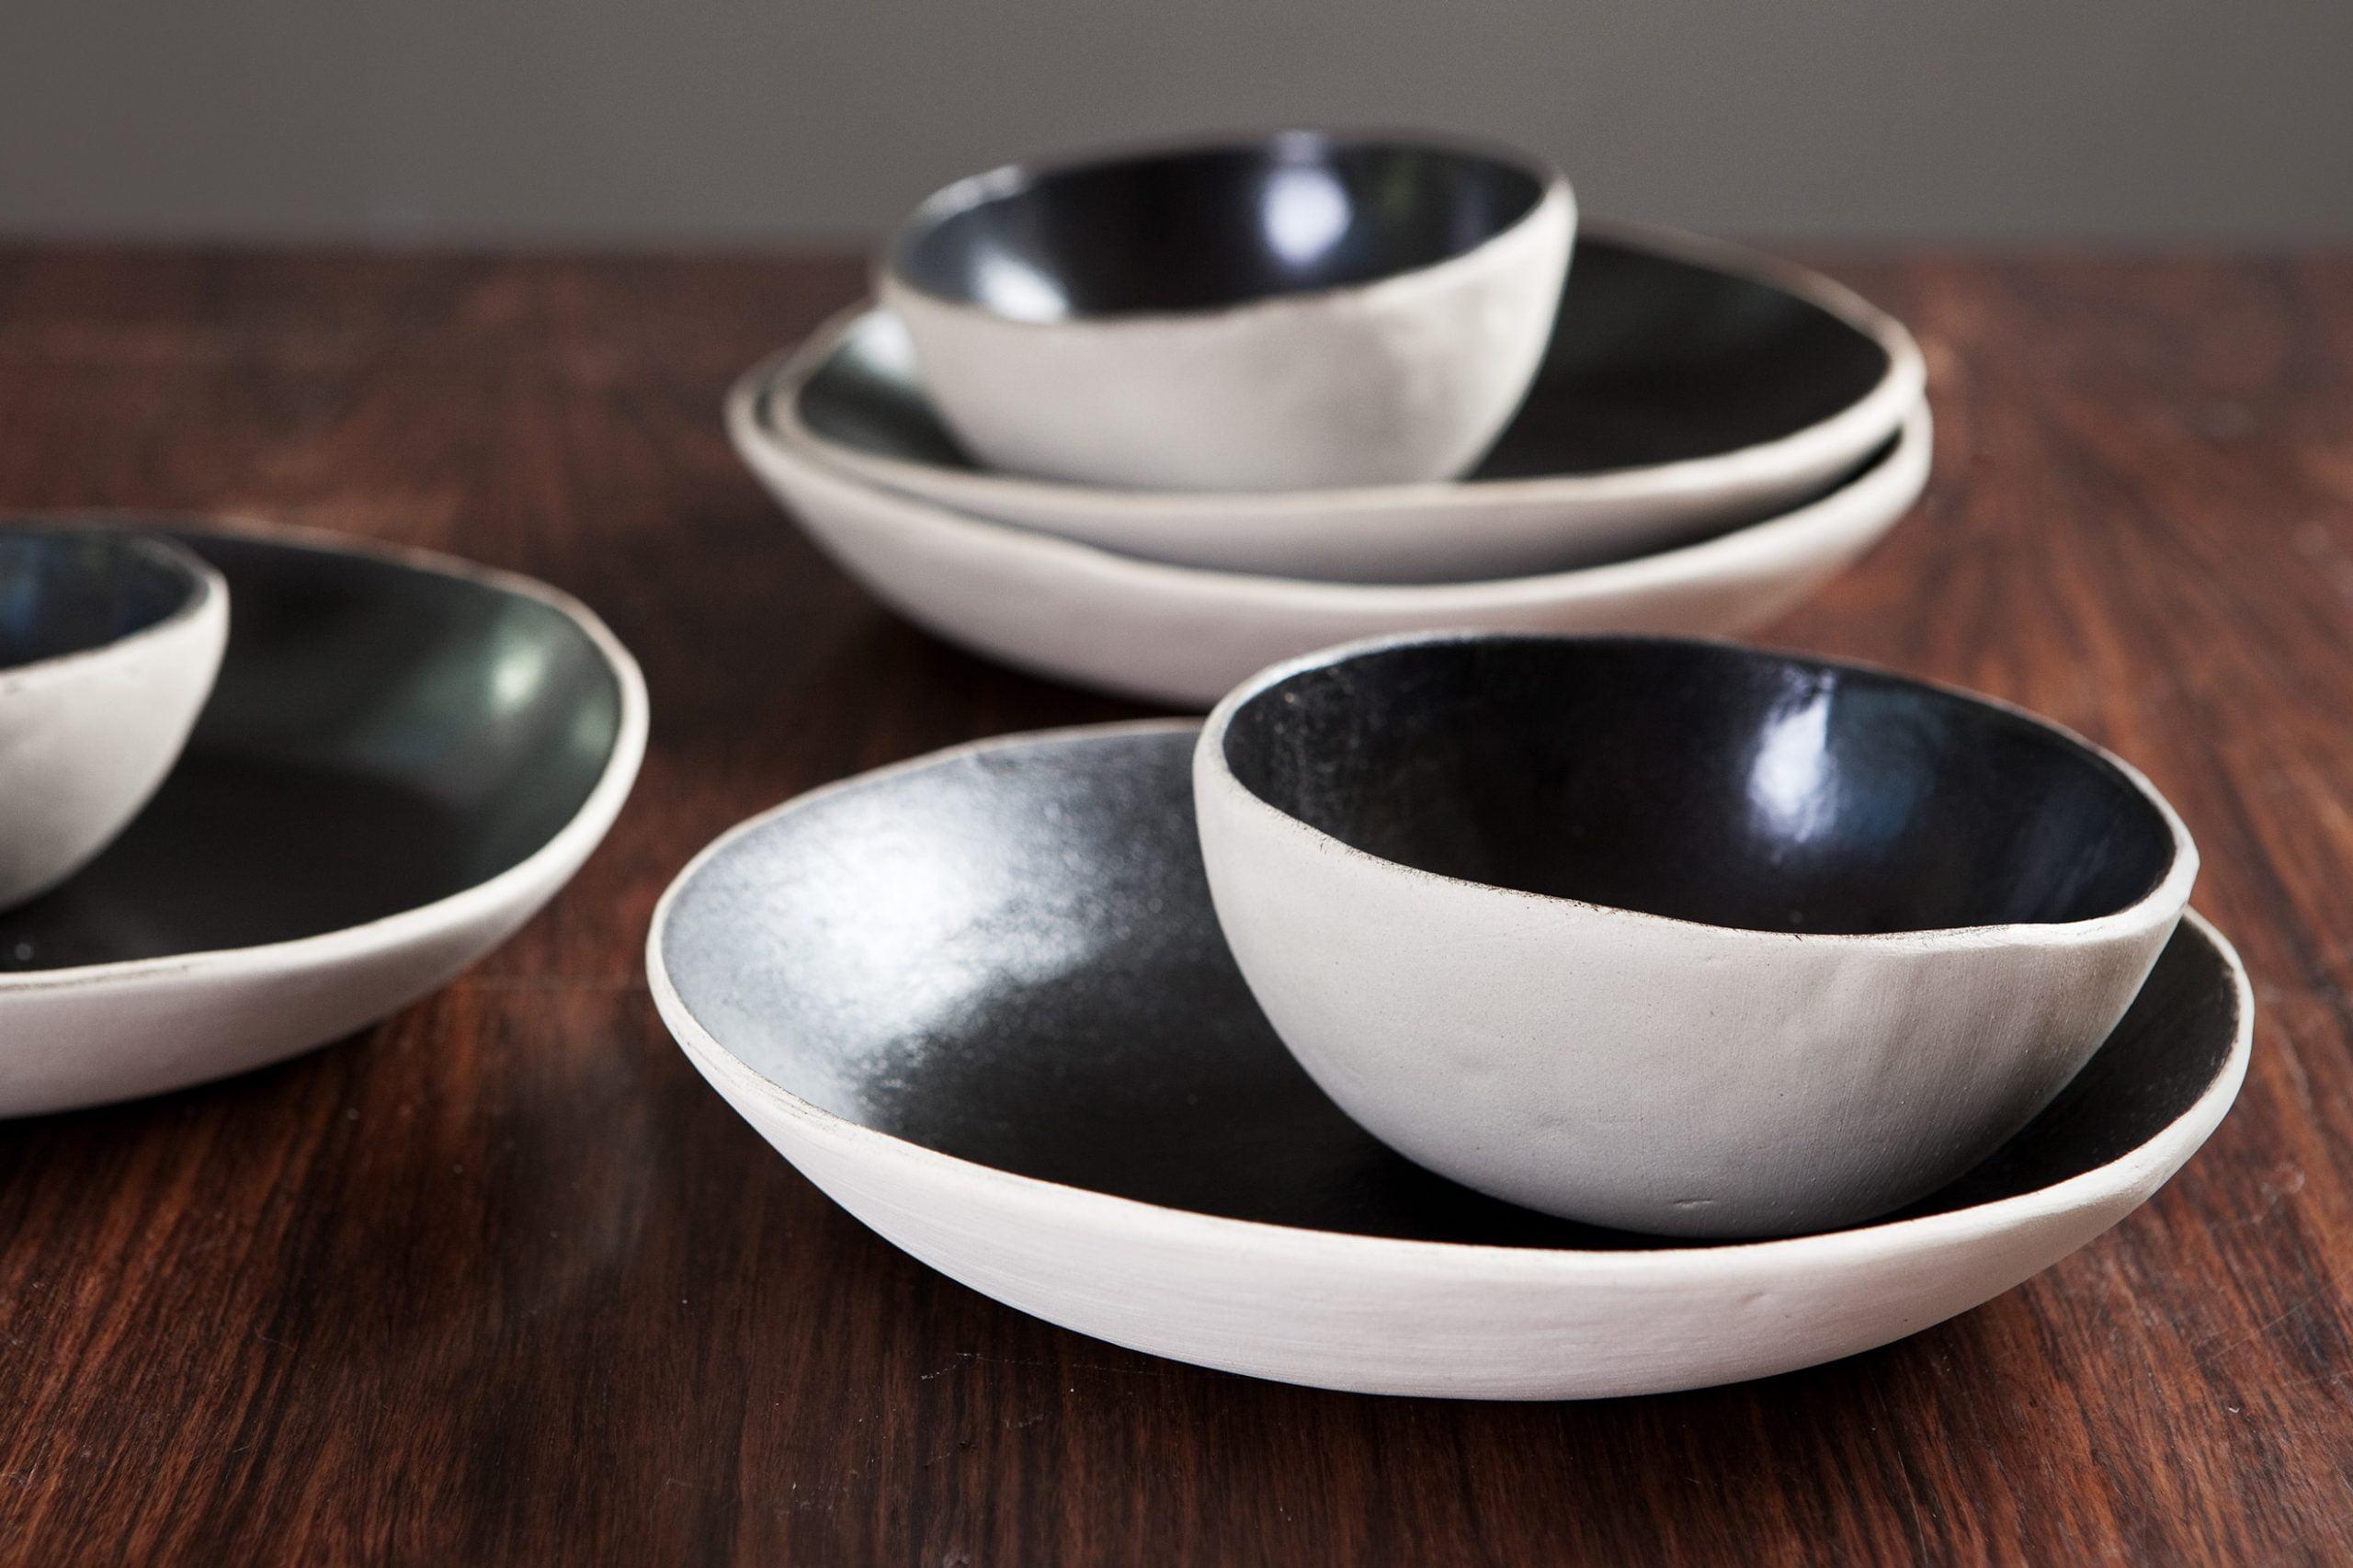 Tummanpuhuva -lautaset